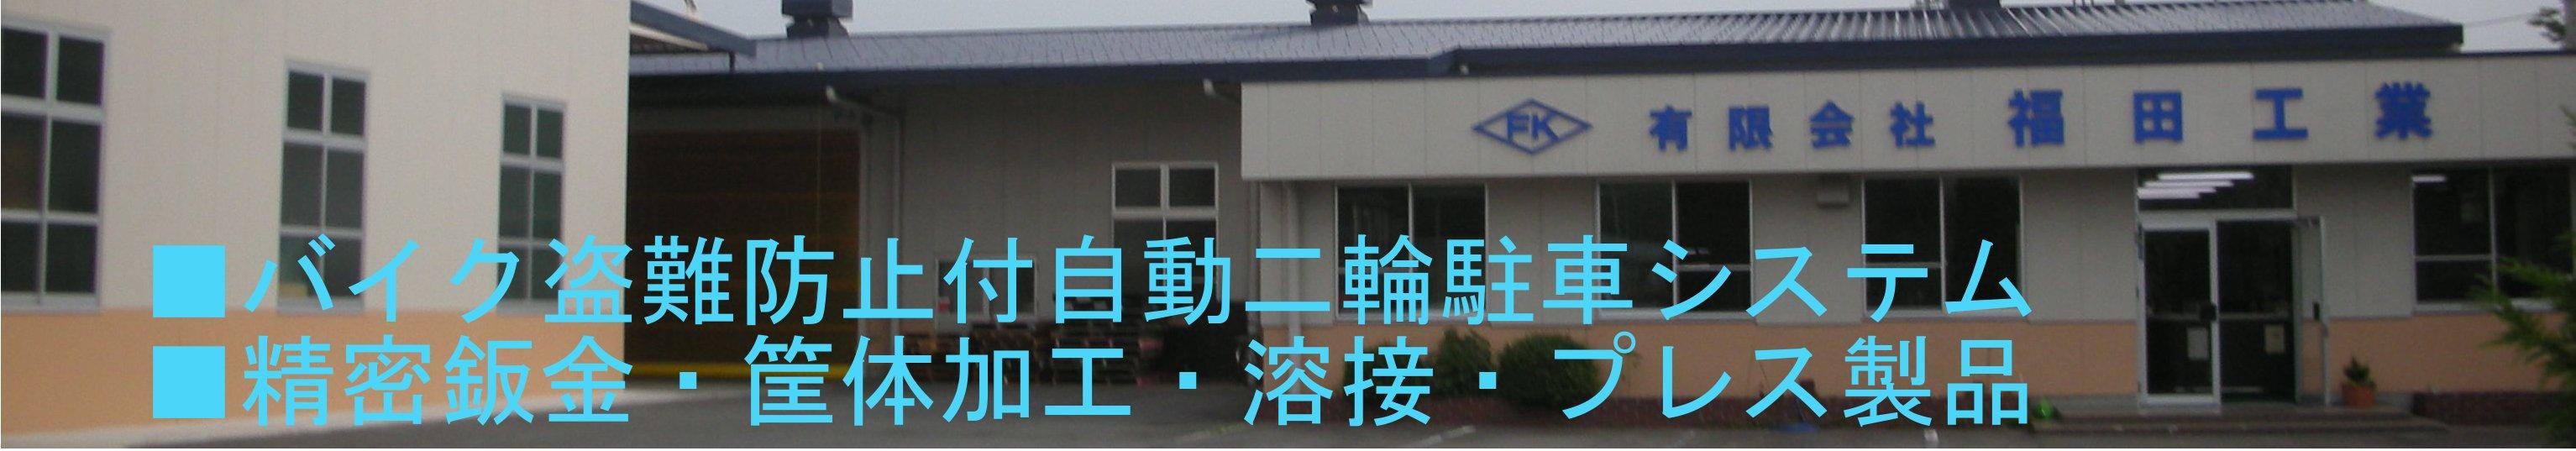 精密鈑金・筐体加工・溶接・プレス製品の 福田工業